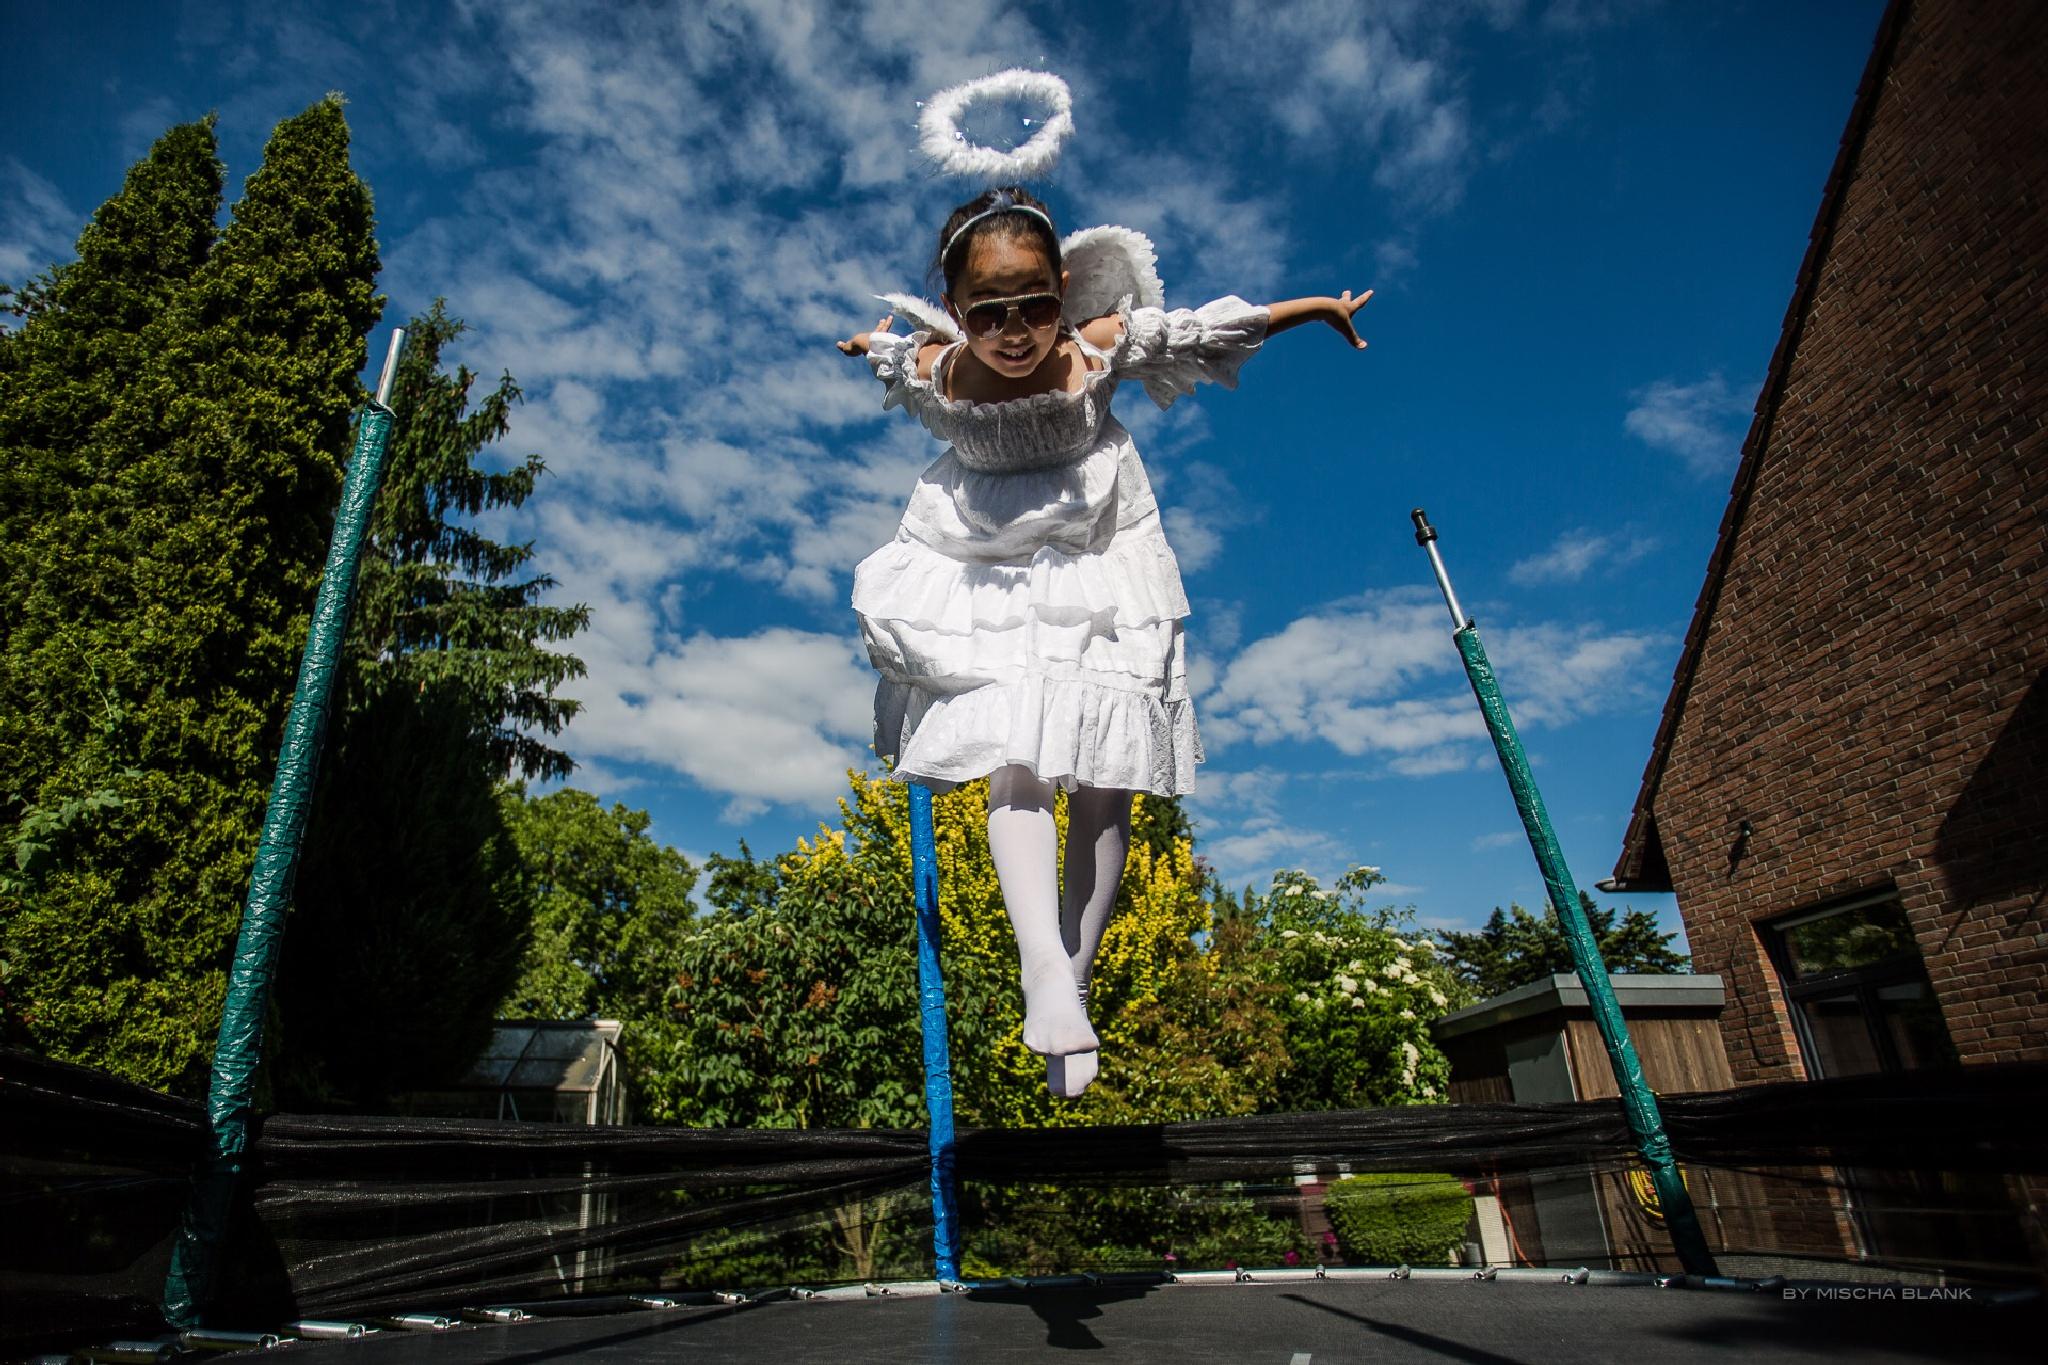 Angel  by monblan